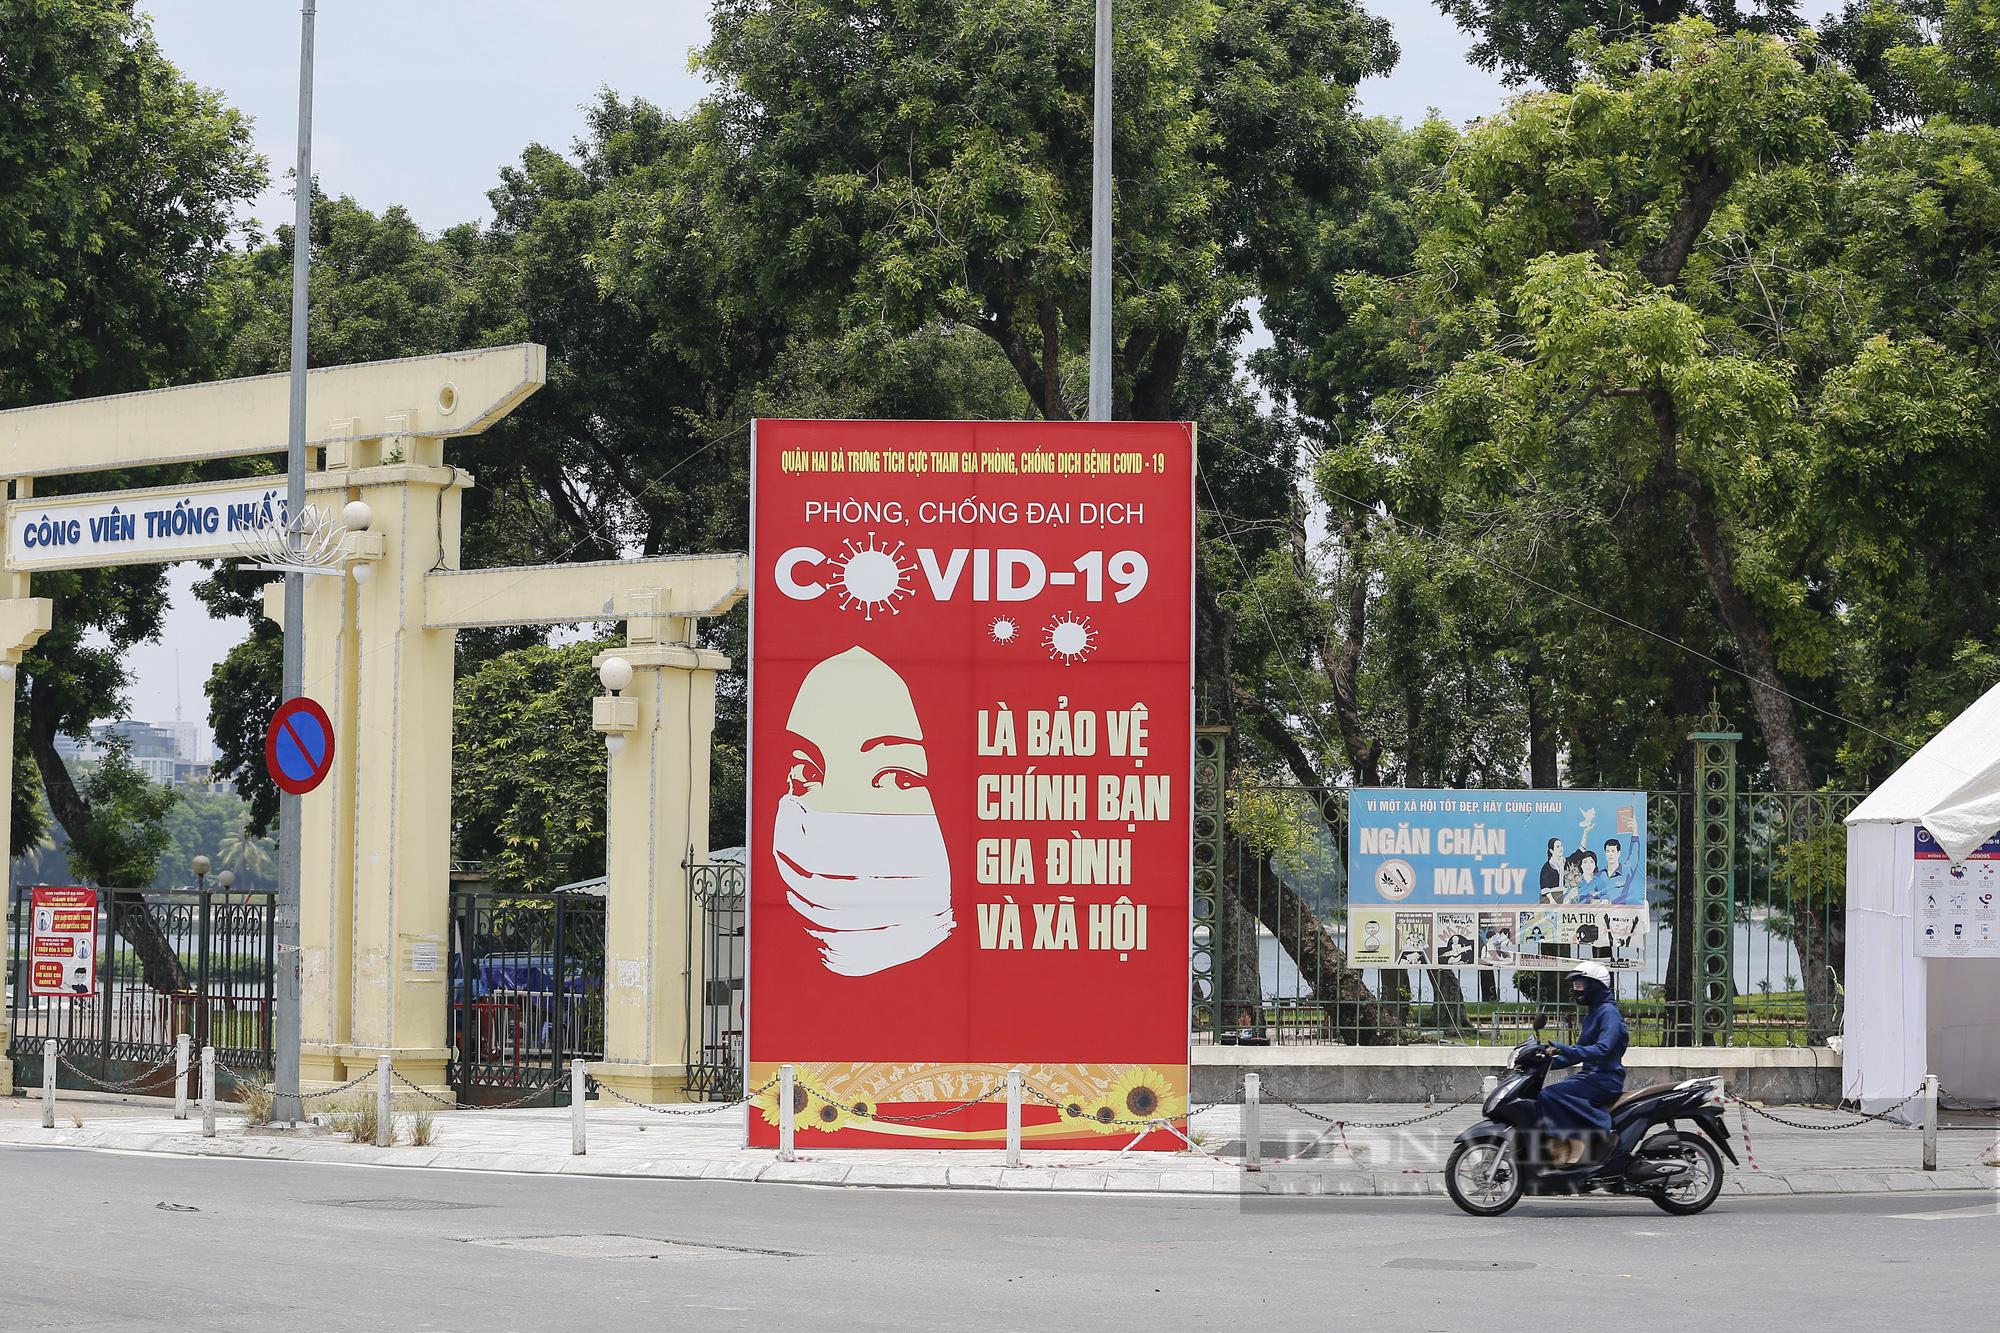 Đường phố Hà Nội xuất hiện những thông điệp tiếp thêm sức mạnh trong công tác phòng, chống Covid-19  - Ảnh 1.